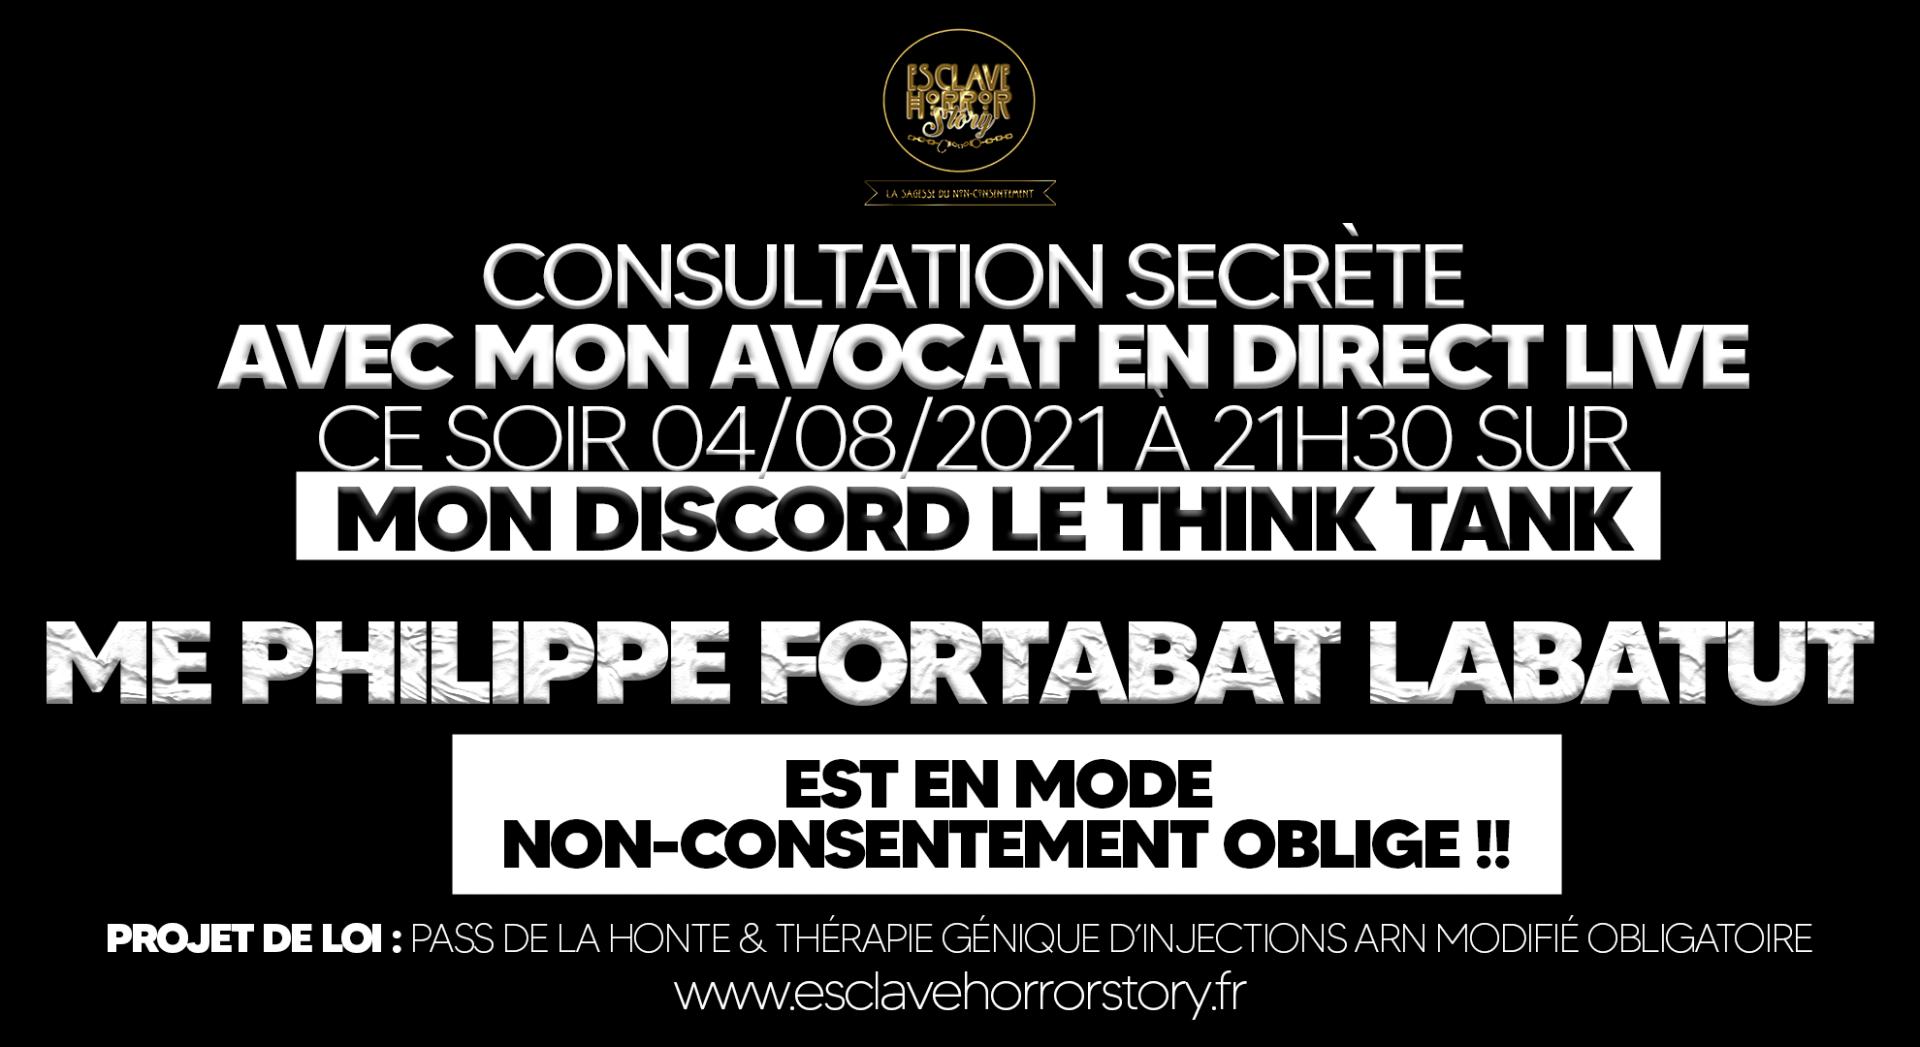 Affiche consultation secrete avocat ehs